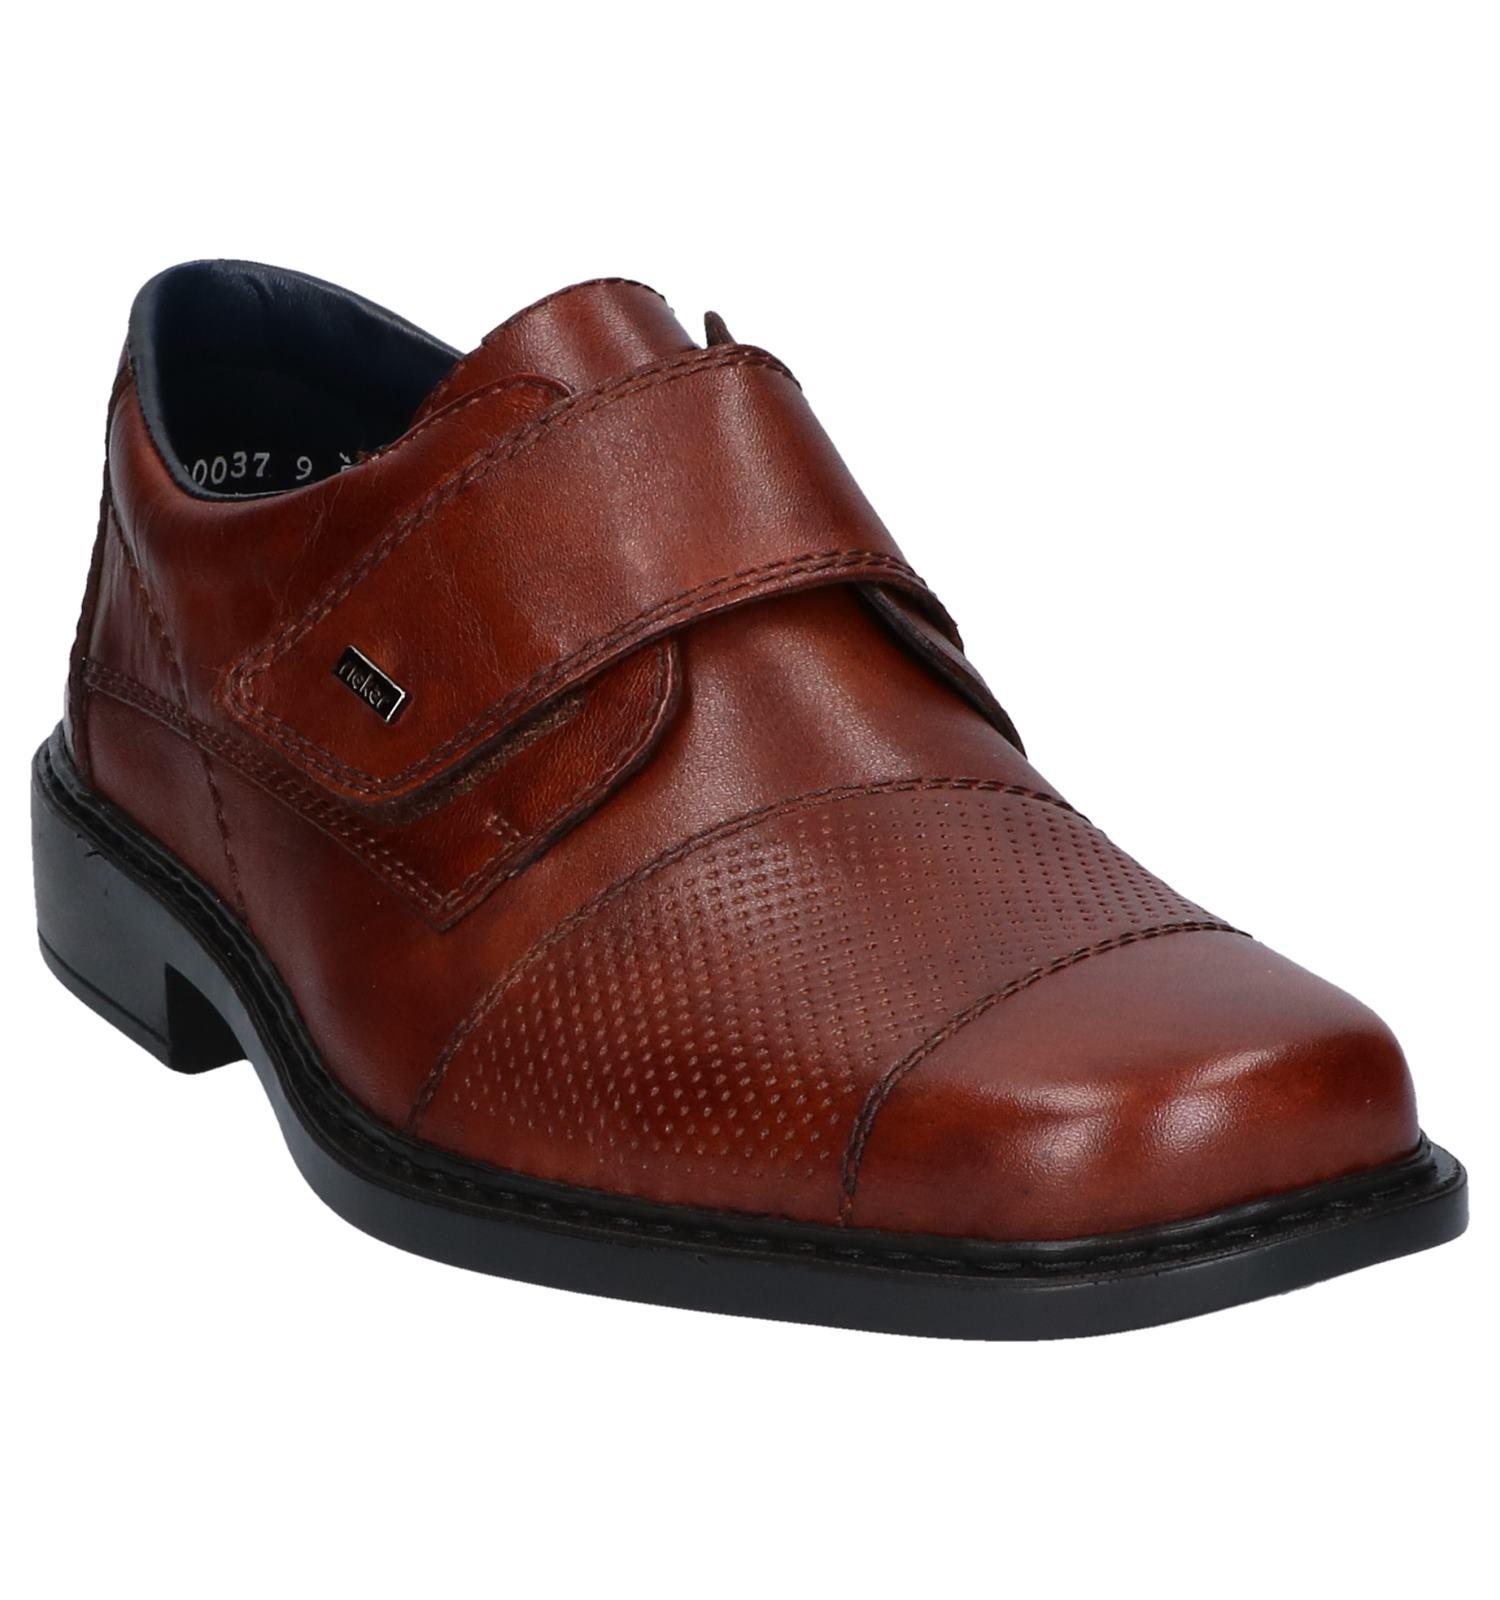 Chaussures Et HabilléescognacTorfs Rieker be Livraison DIWE9H2Y